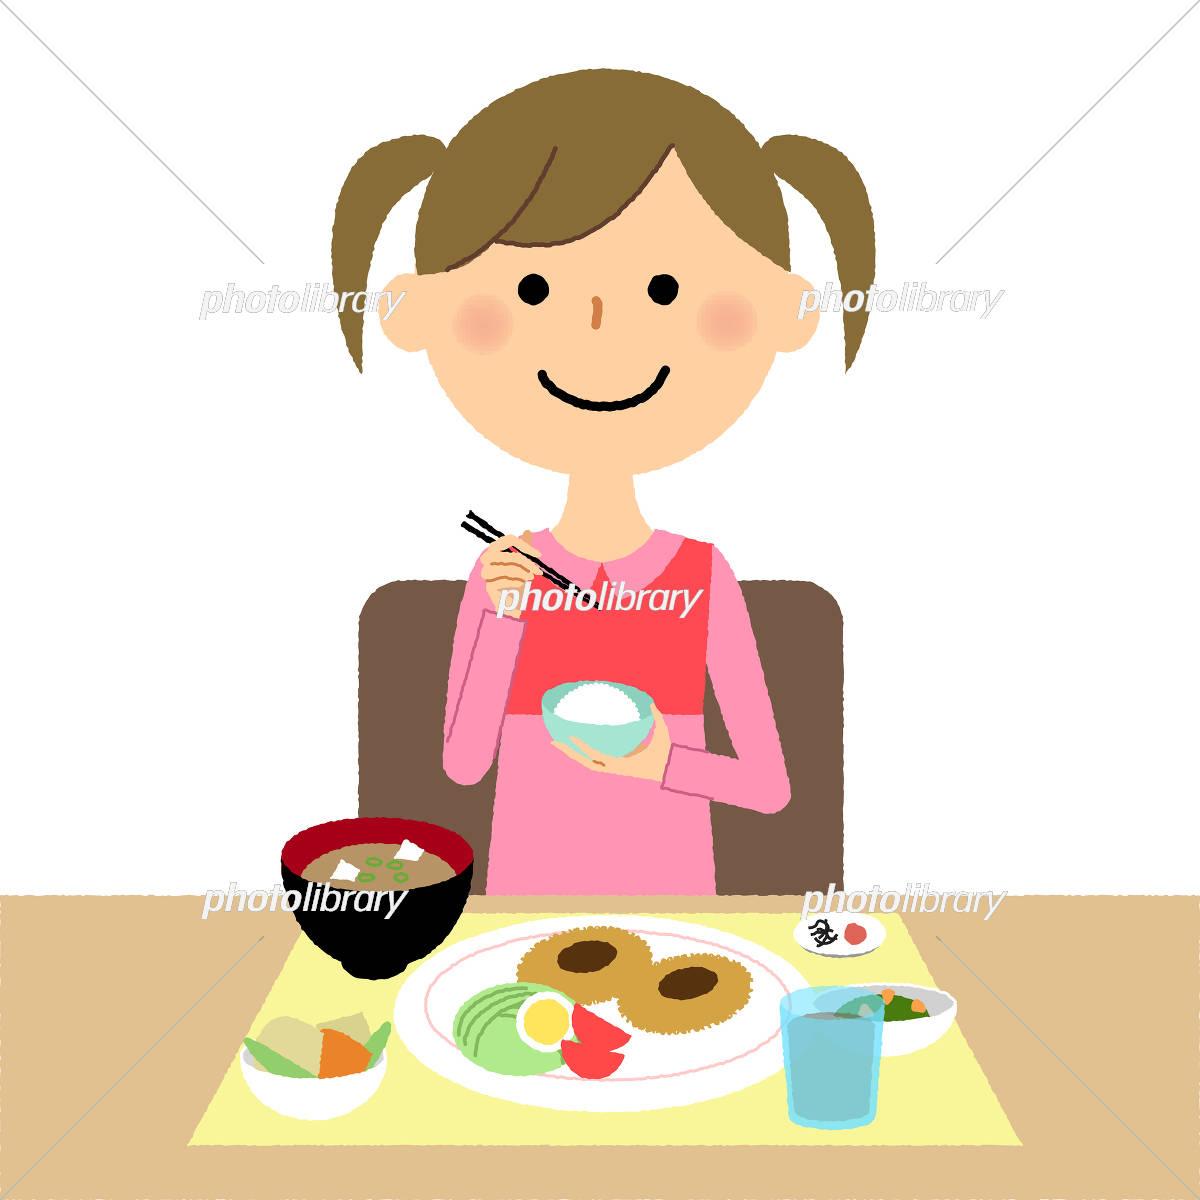 女の子 食事 イラスト素材 5484976 フォトライブラリー Photolibrary